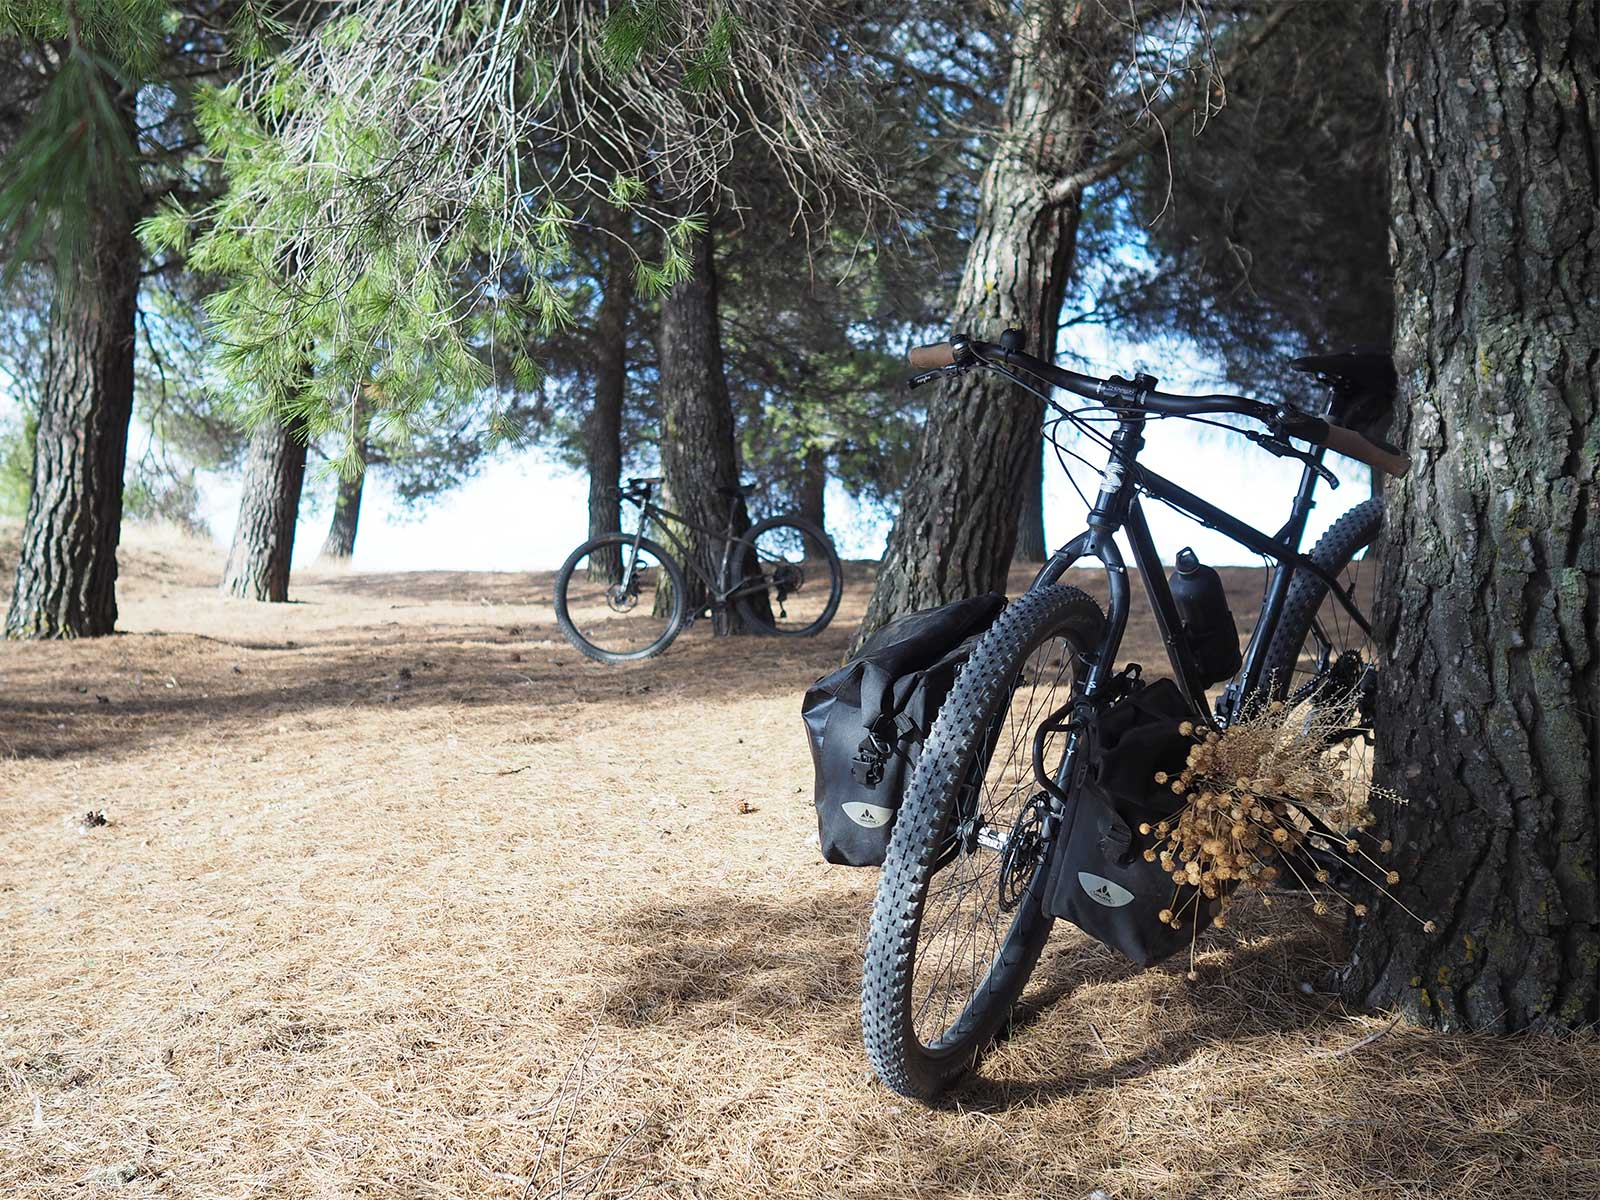 pinares-pinedes-valladolid-caminos-bici-octubre-yoniquenews